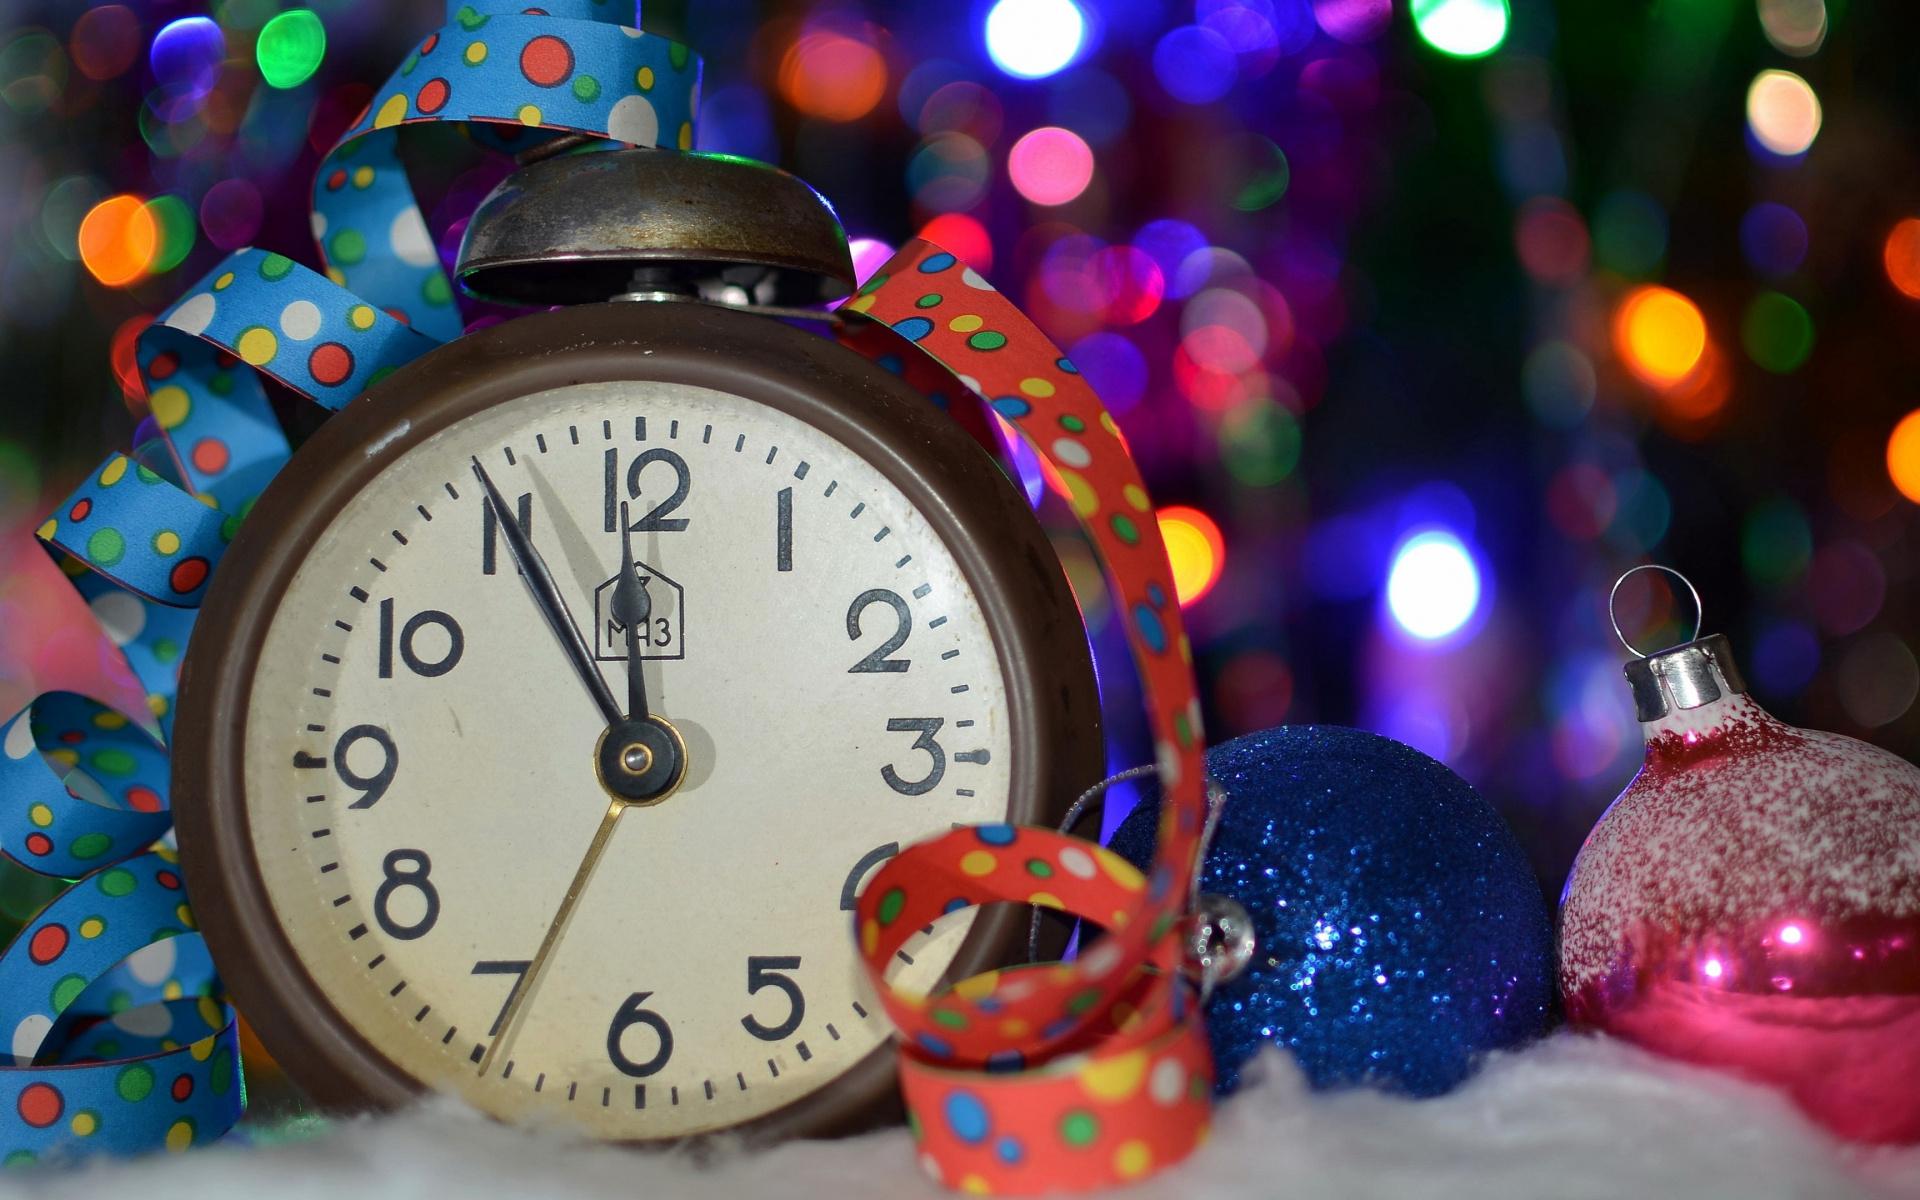 Кызылорда встретила Новый год на час позже, чем Астана